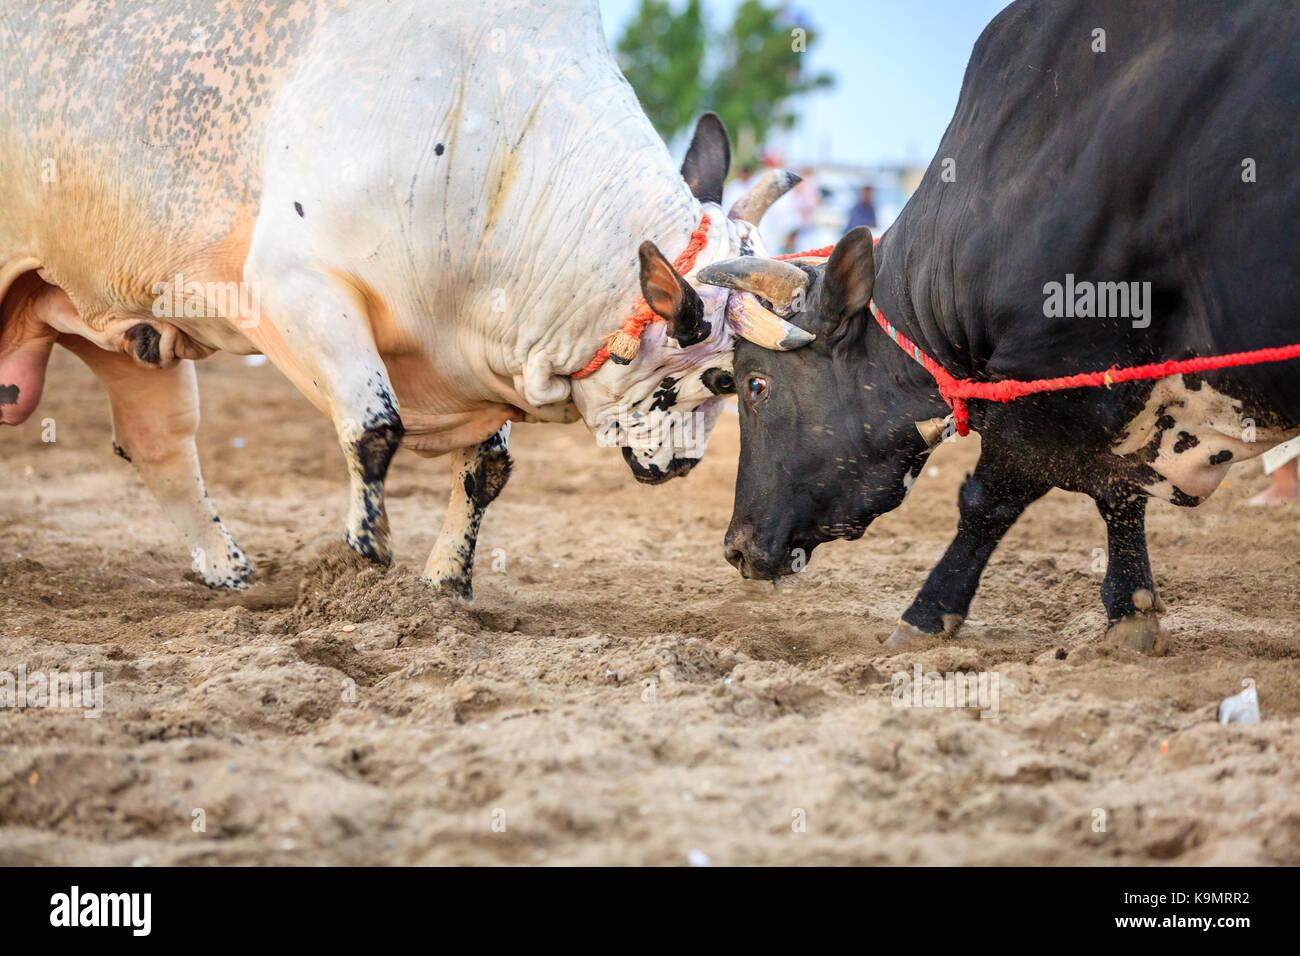 Los toros están luchando en una competencia tradicional en Fujairah, Emiratos Árabes Unidos Imagen De Stock